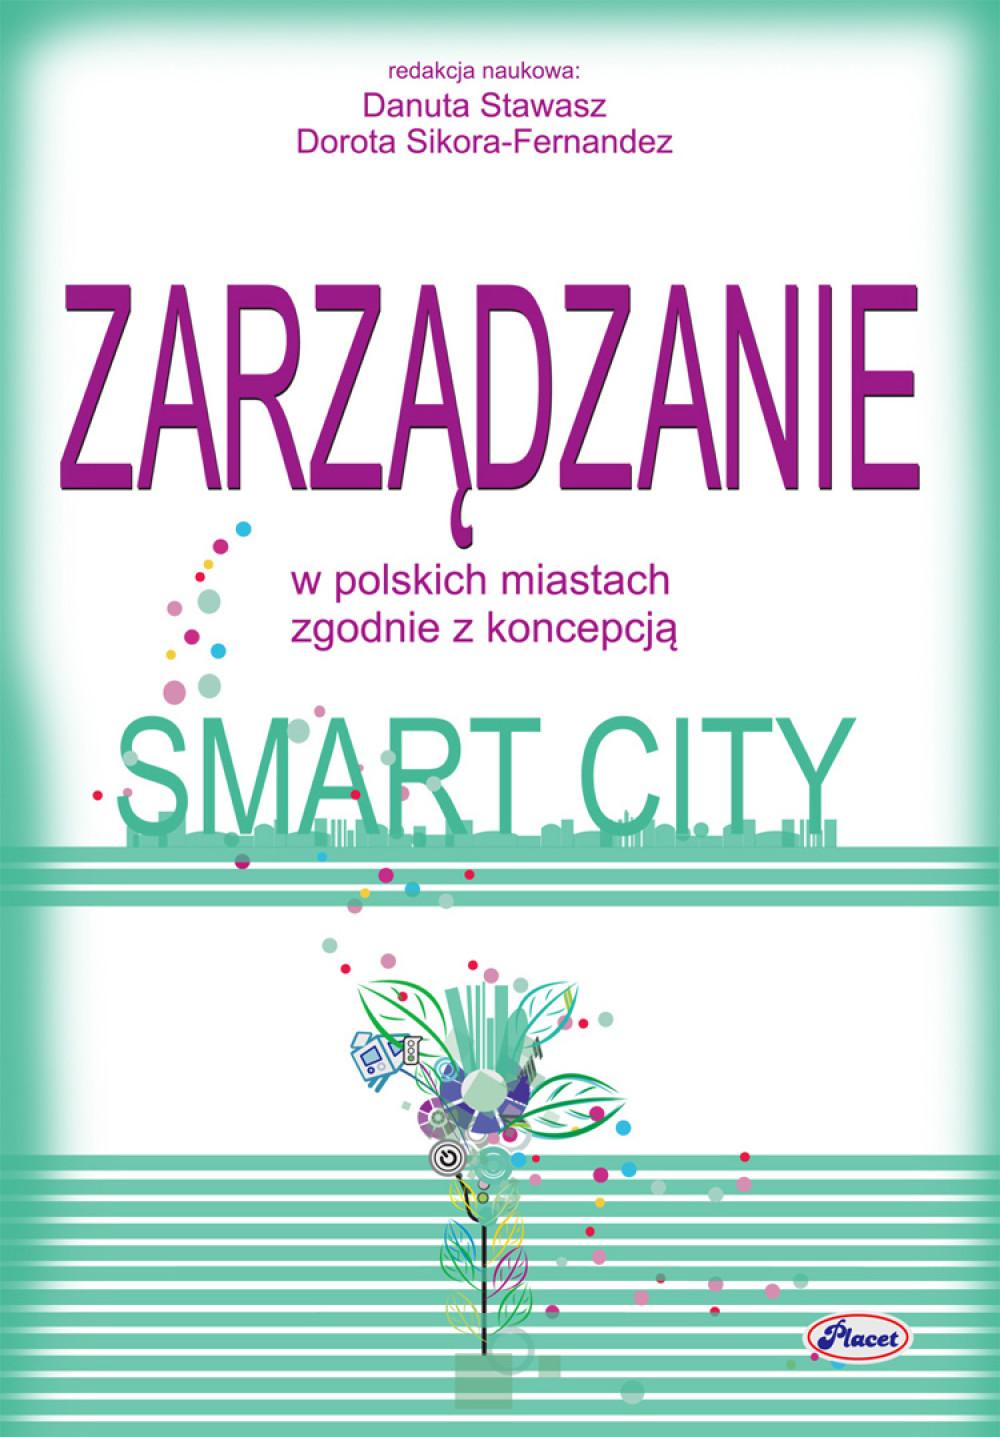 Zarządzanie w polskich miastach zgodnie z koncepcją smart city ebook